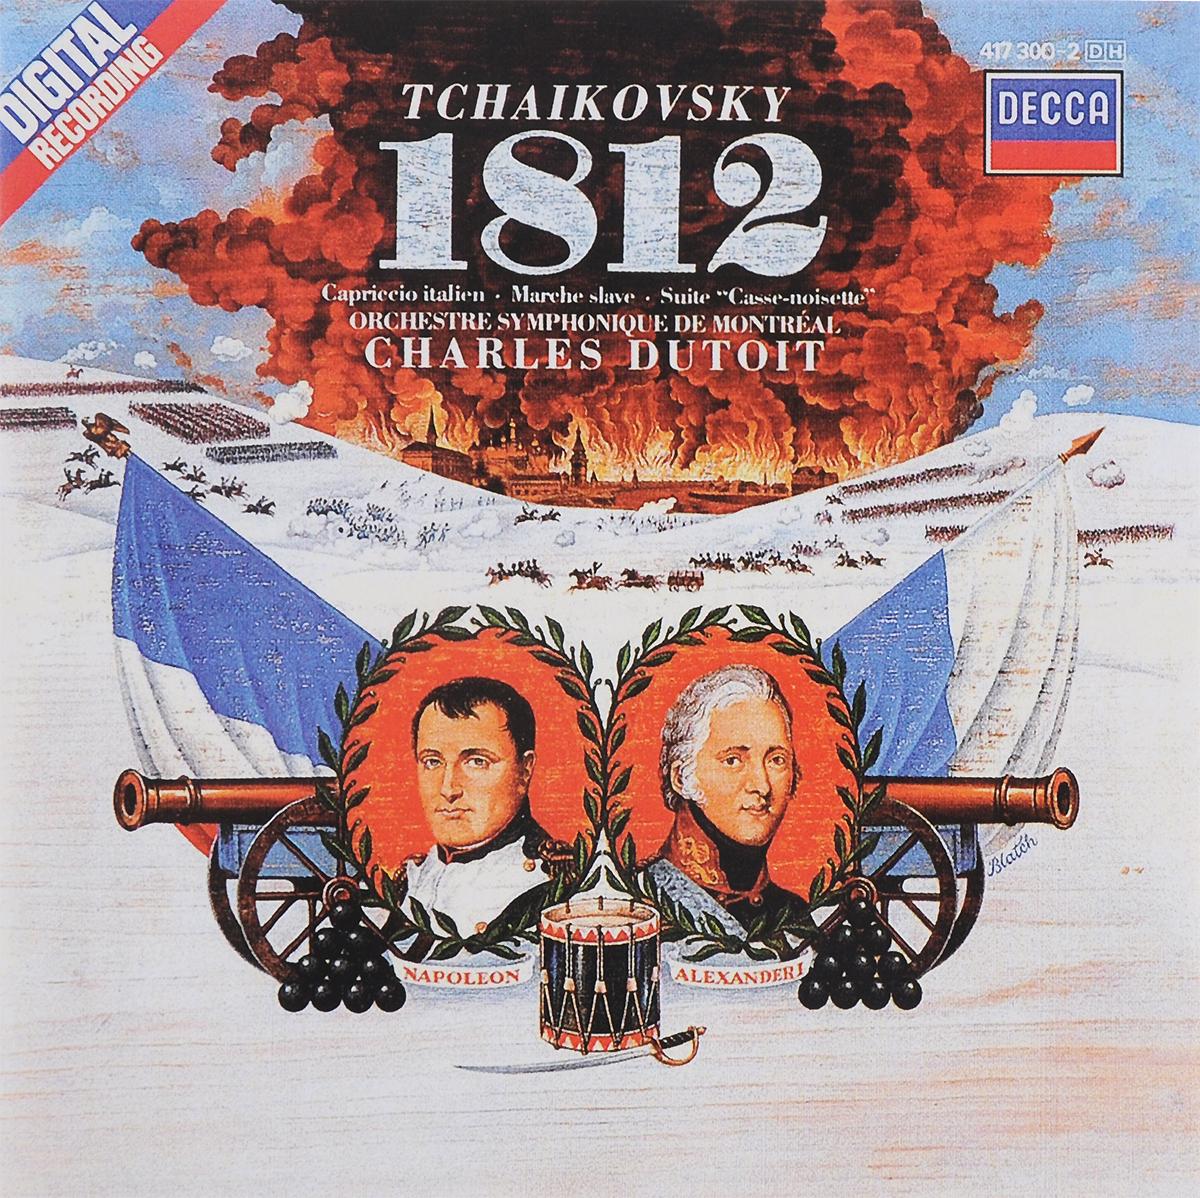 Orchestre Symphonique De Montreal,Шарль Дютуа Charles Dutoit. Tchaikovsky. 1812 Overture, Op. 49 / Capriccio Italien, Op. 45 / The Nutcracker Suite, Op. 71A / Marche Slave, Op. 31 r de boisdeffre suite orientale op 42